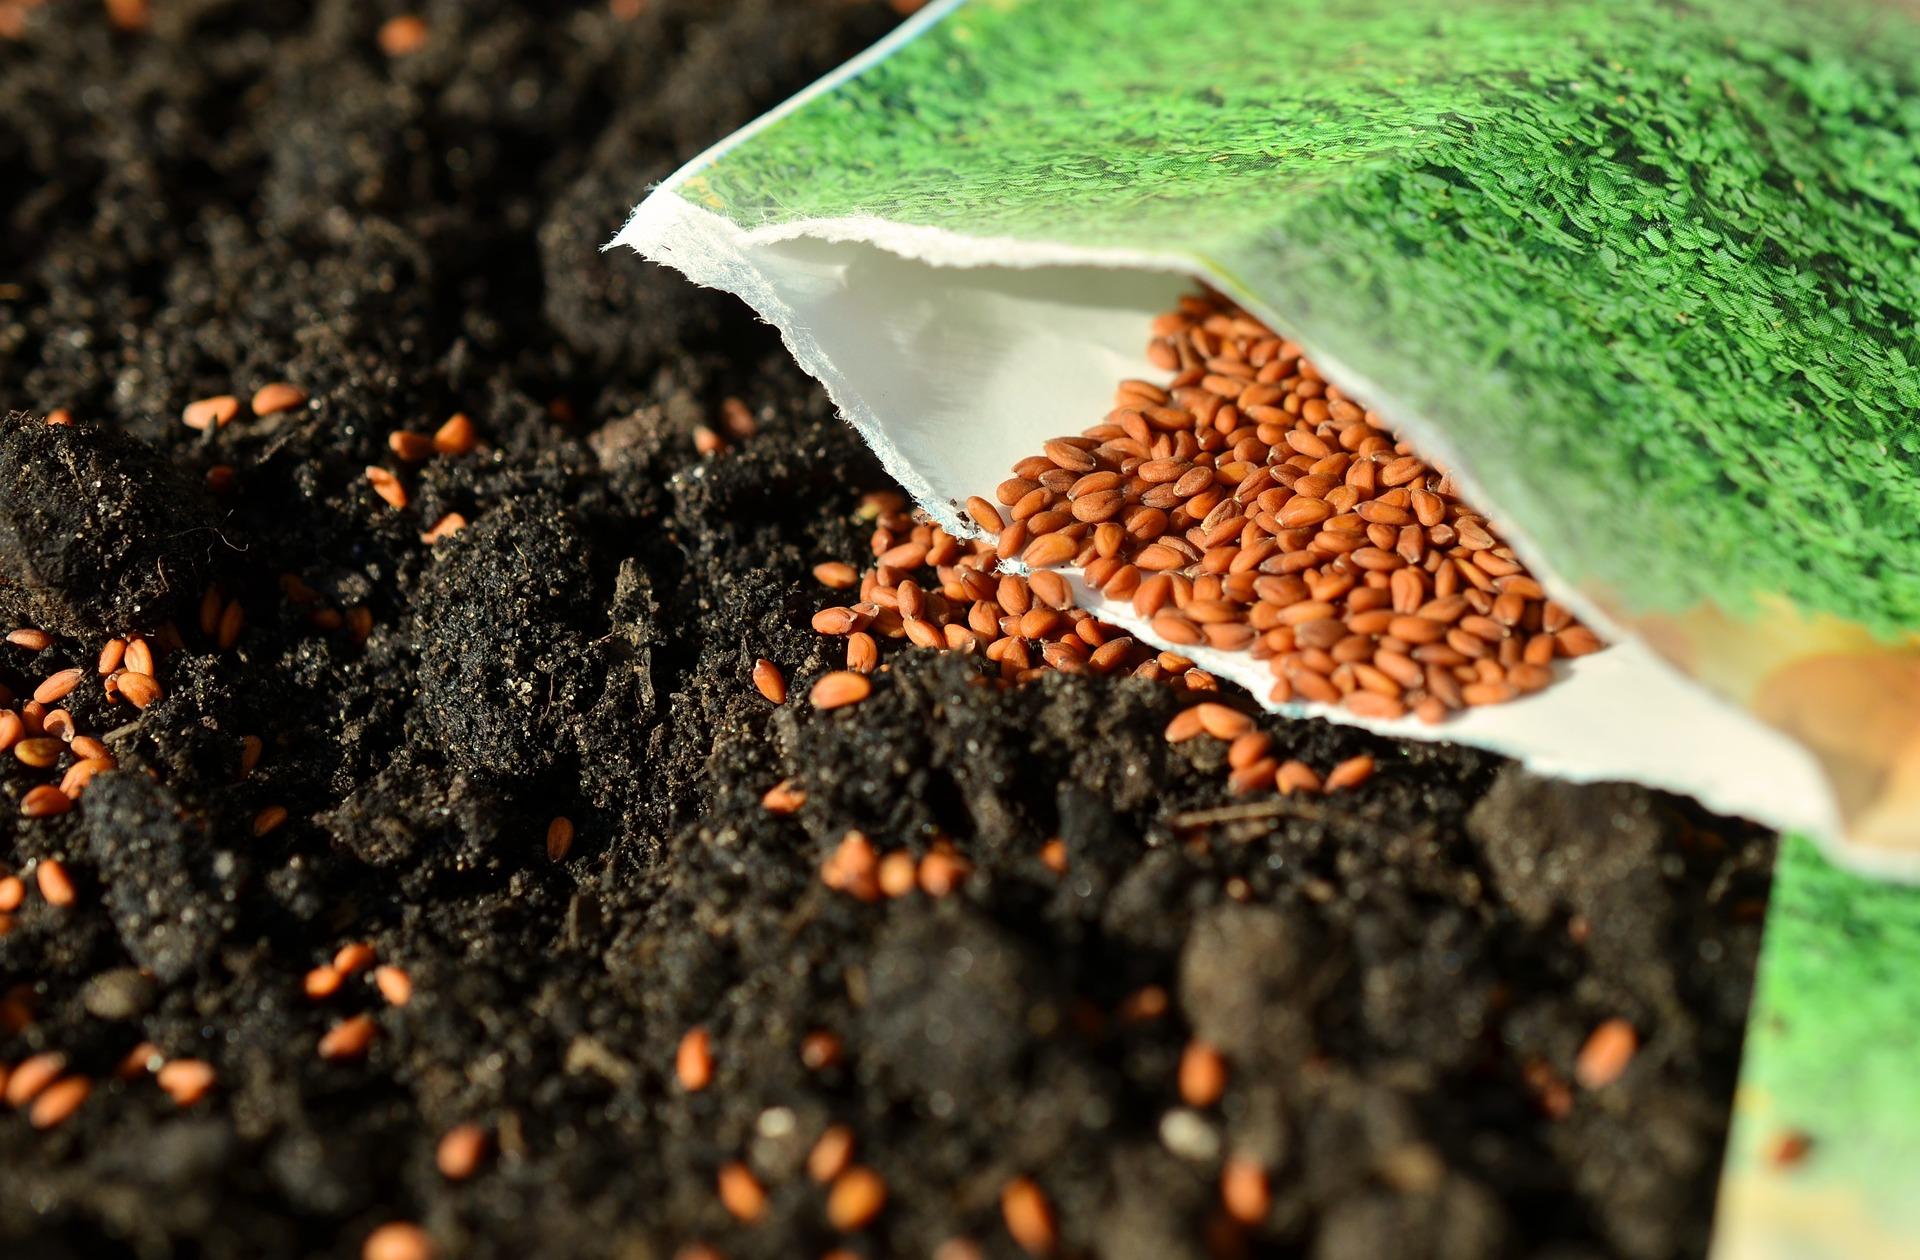 Seeds 1302793 1920